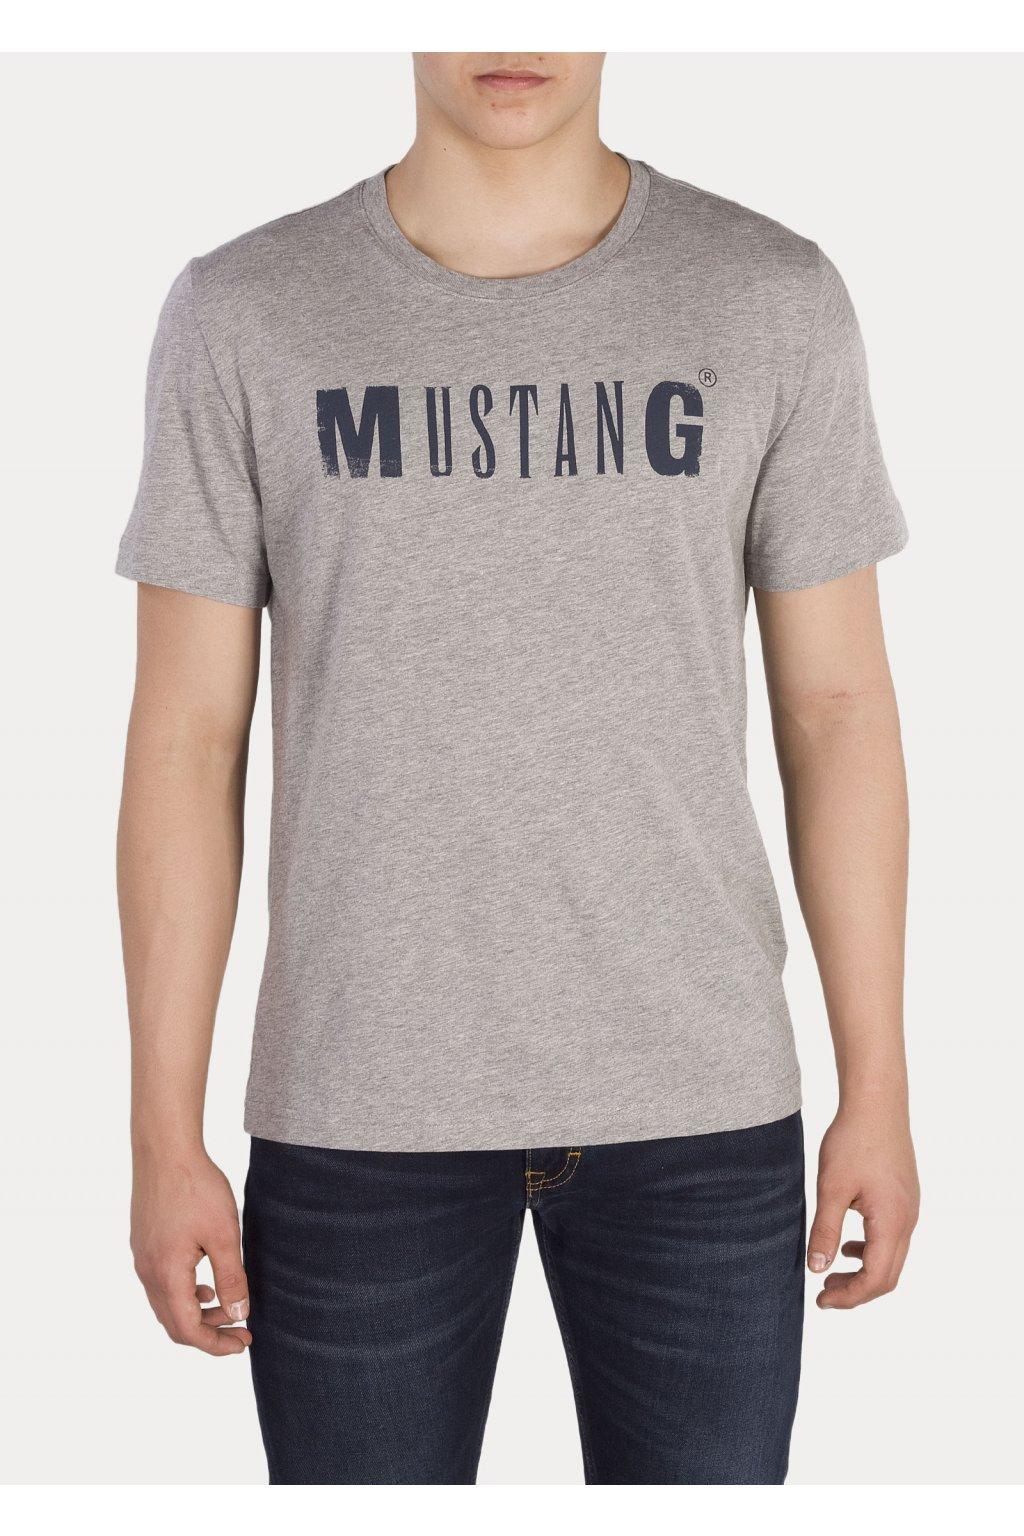 Pánské Triko Mustang- šedá obr1